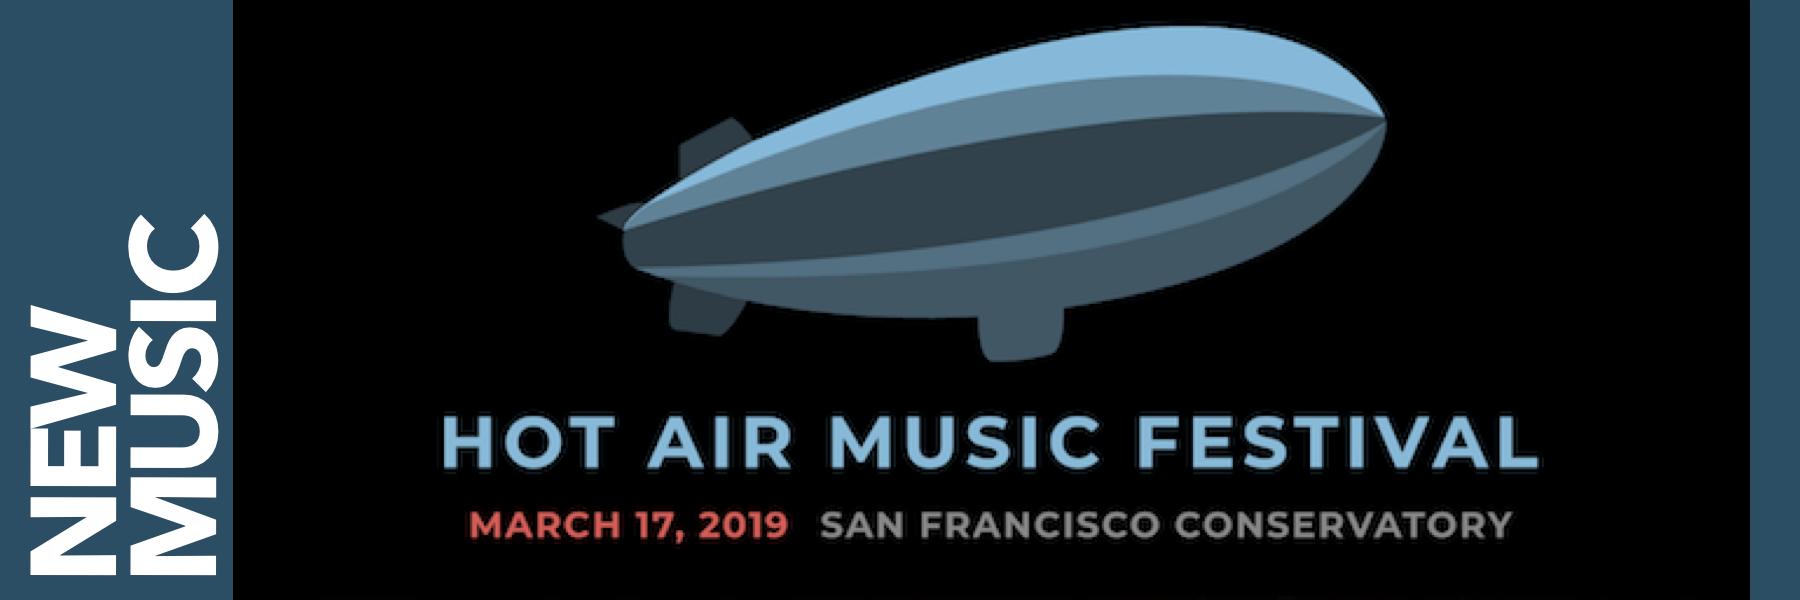 2019 Hot Air Festival.jpg